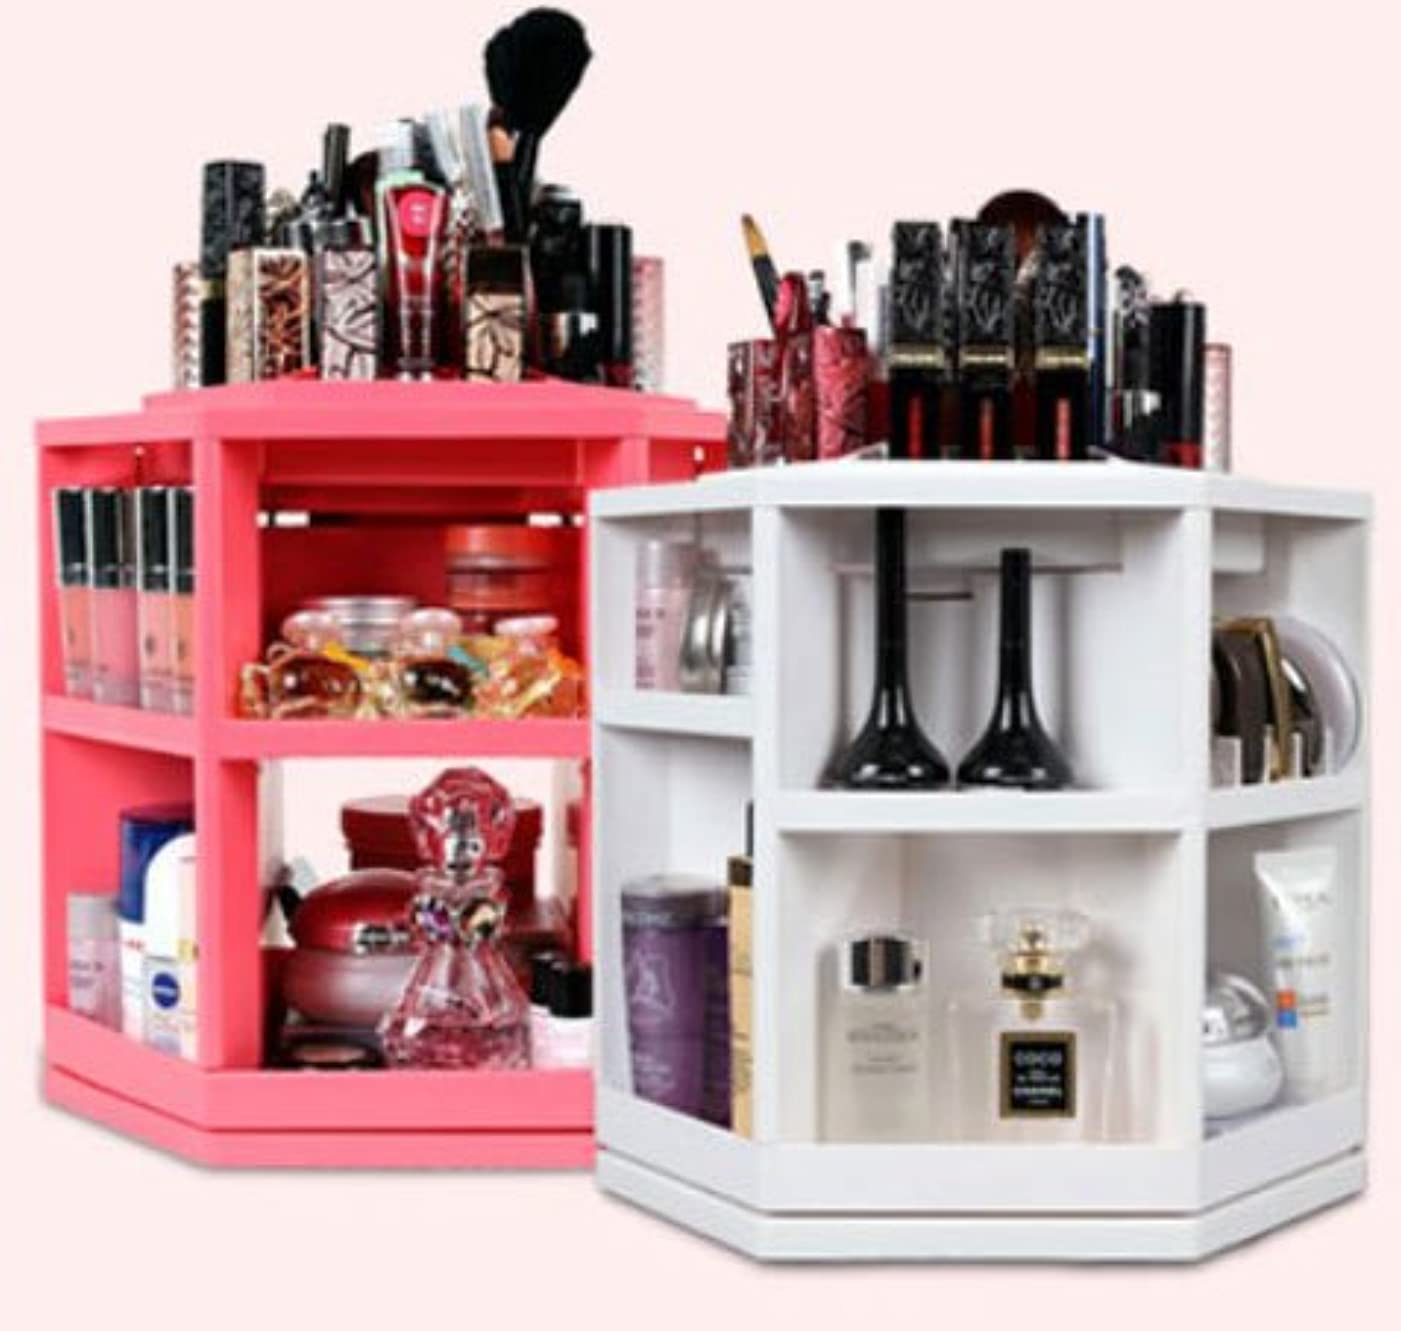 操る技術者甥コスメ ボックス,化粧品 収納、楽、簡単、回転する化粧品収納整理台、ピンク色